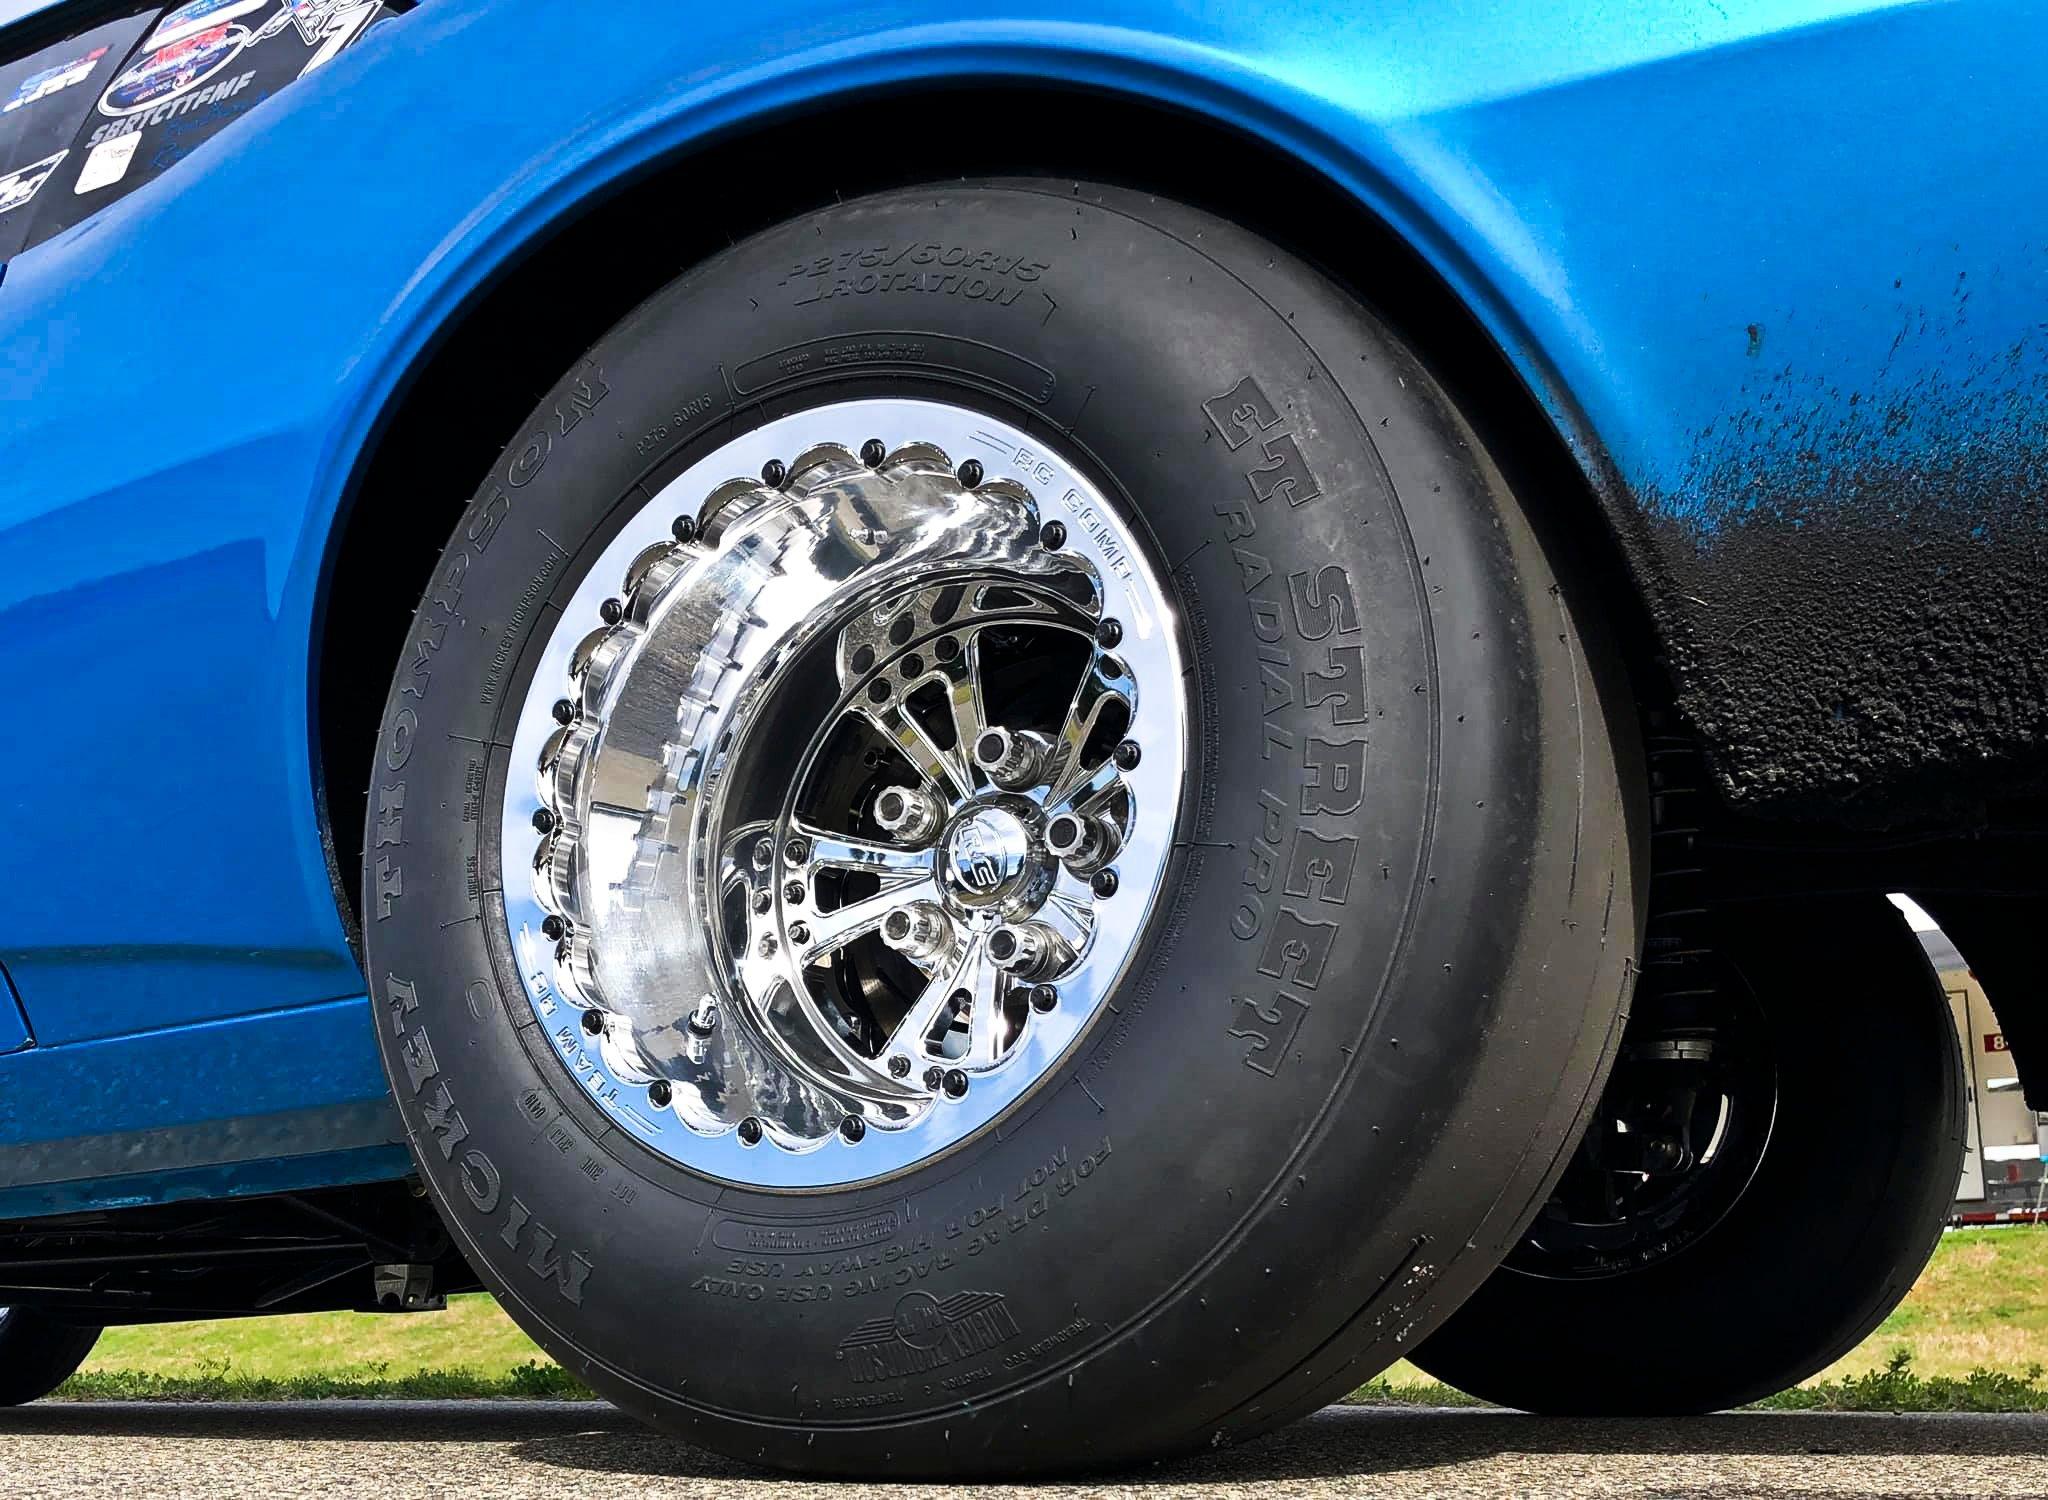 Billet Specialties Releases New Win Lite Drag Pack Wheels